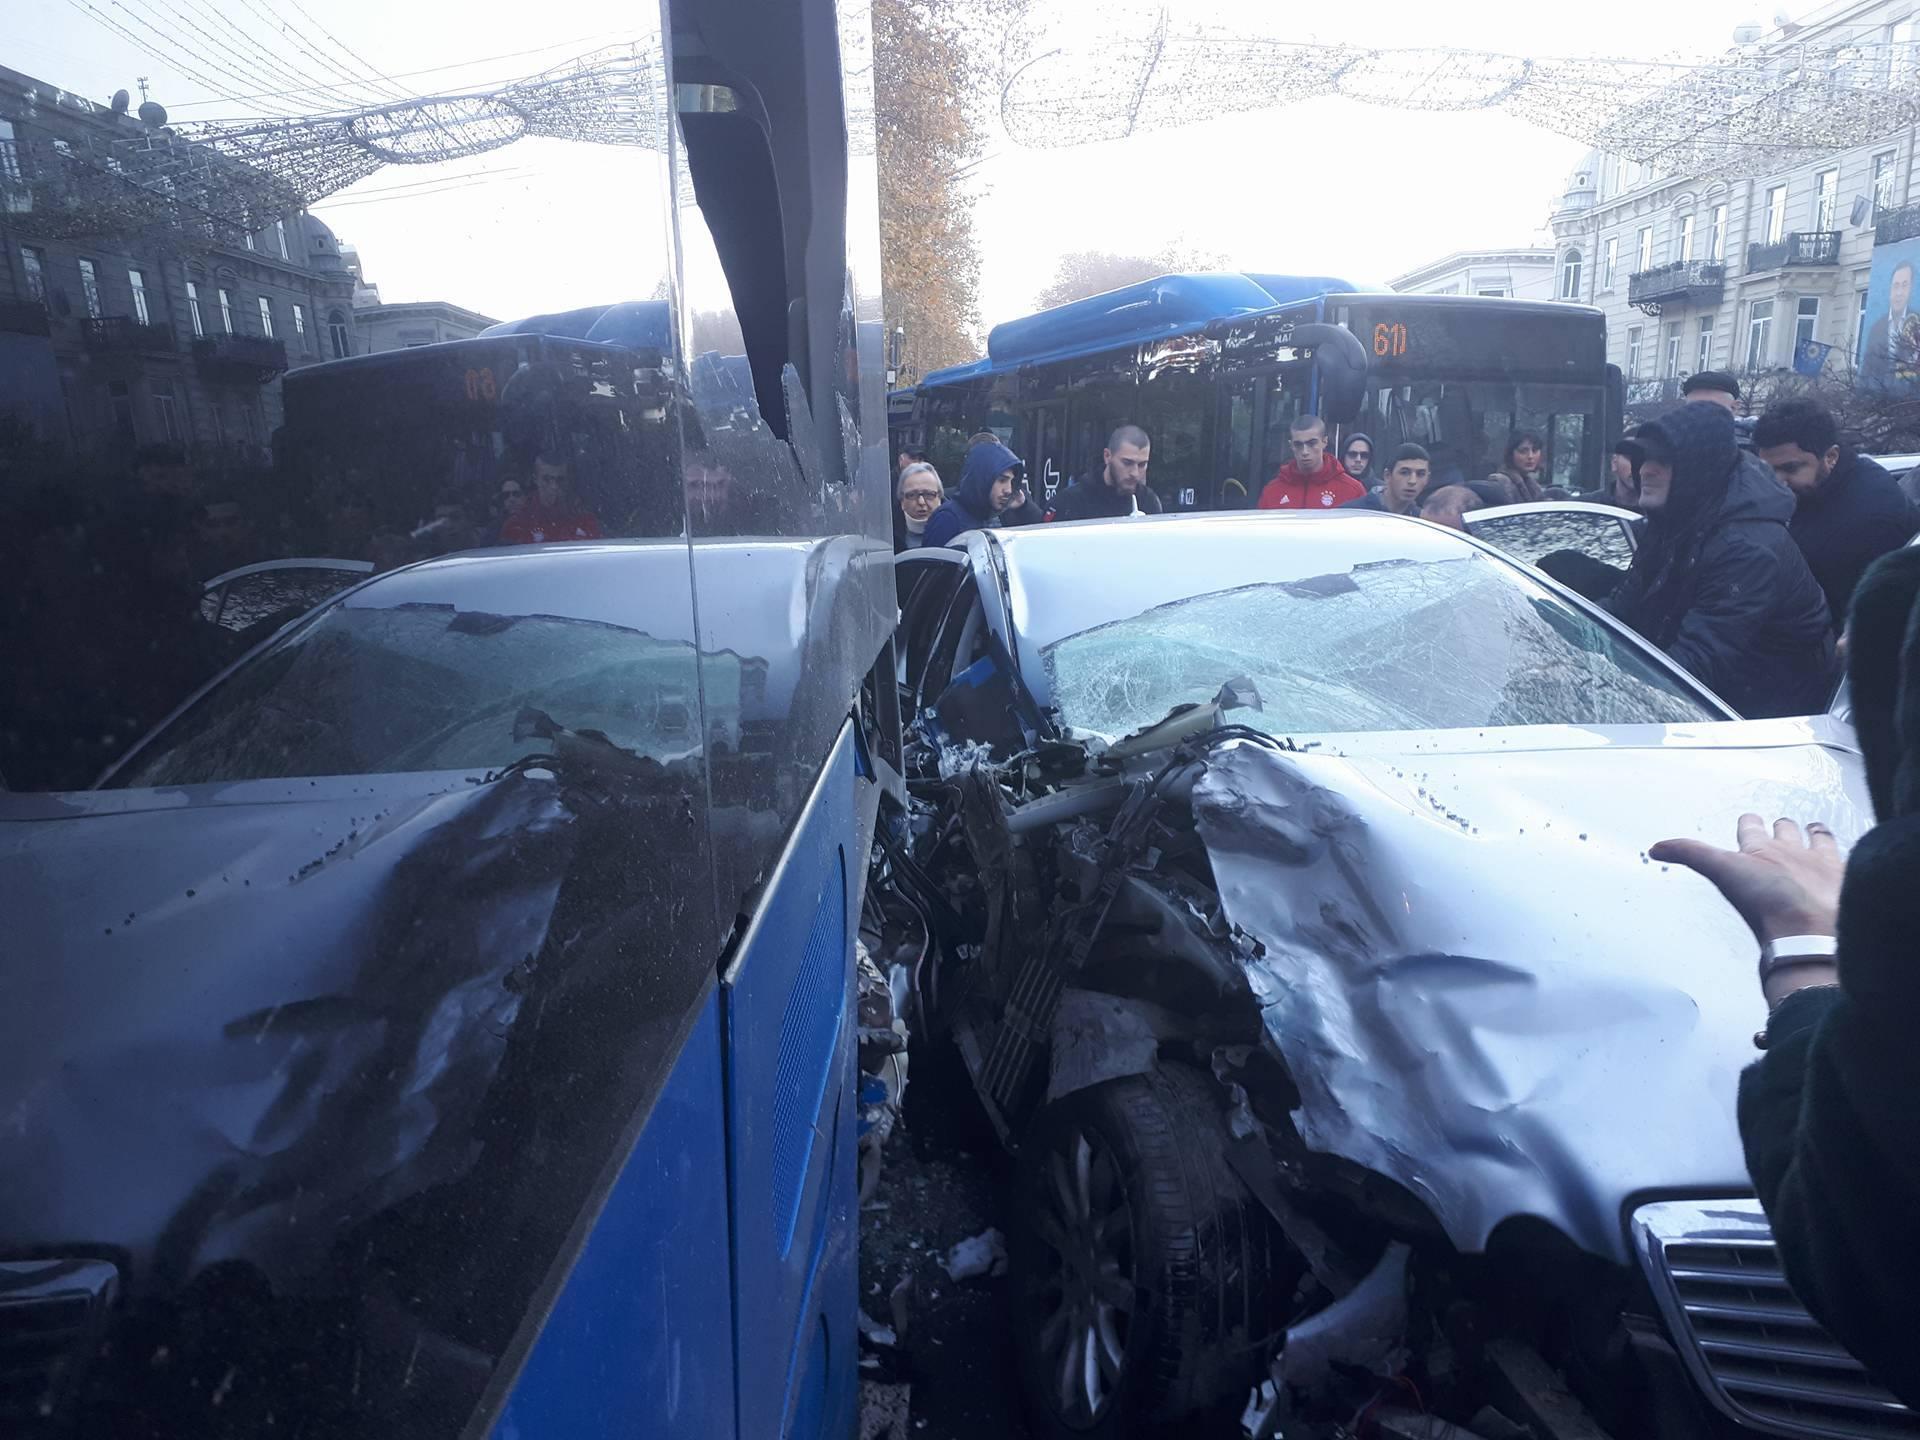 ავარია რუსთაველზე - ორი მსუბუქი მანქანა ლურჯ ავტობუსს შეეჯახა